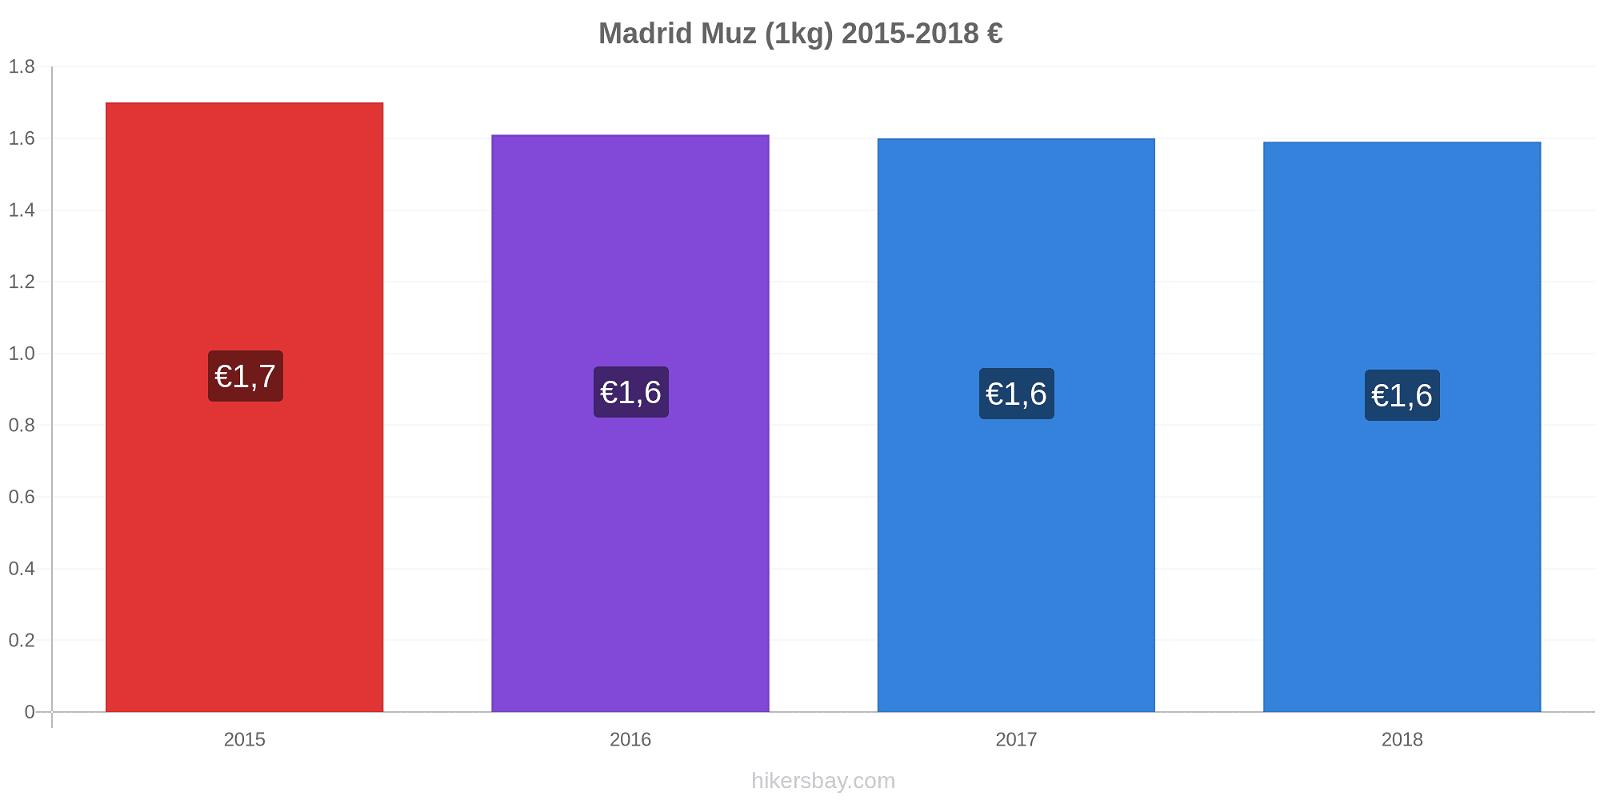 Madrid fiyat değişiklikleri Muz (1kg) hikersbay.com